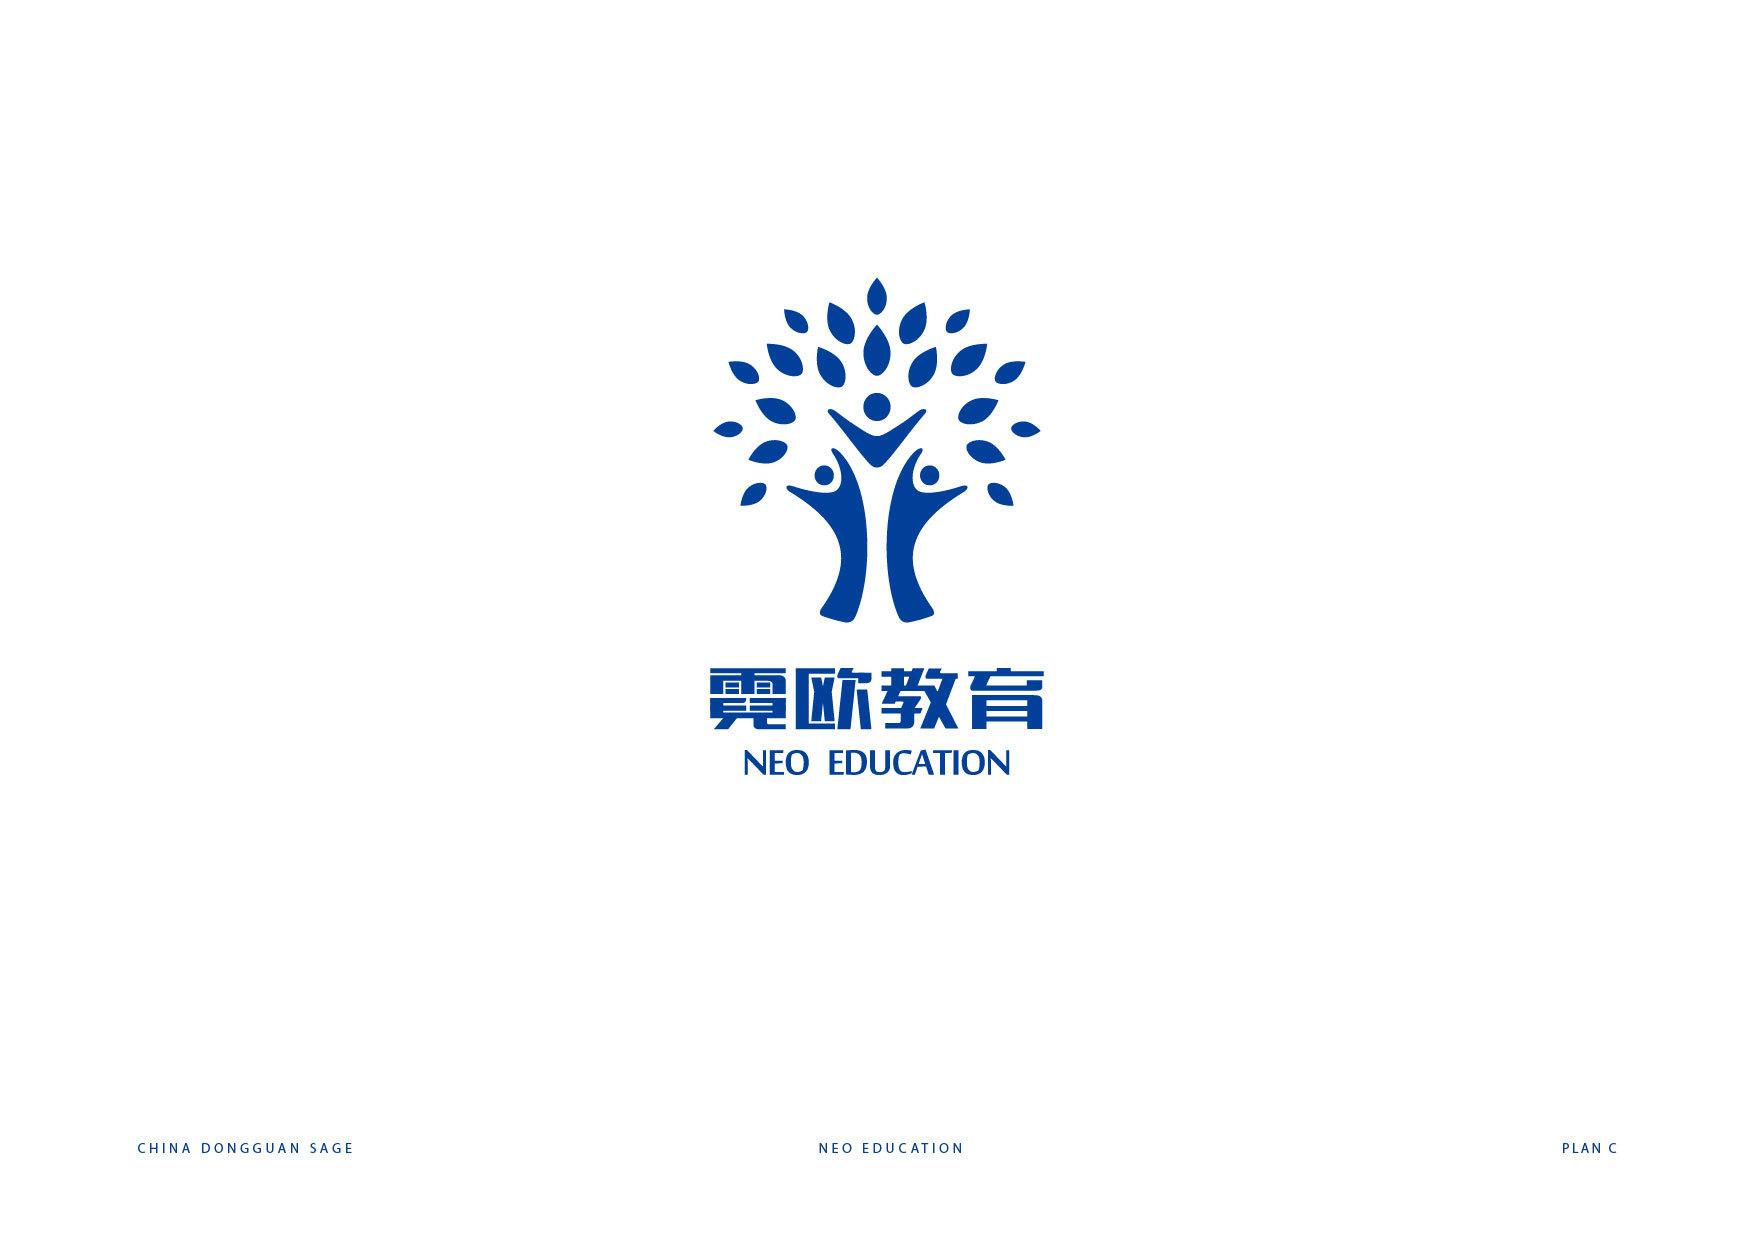 霓欧教育标志方案图片